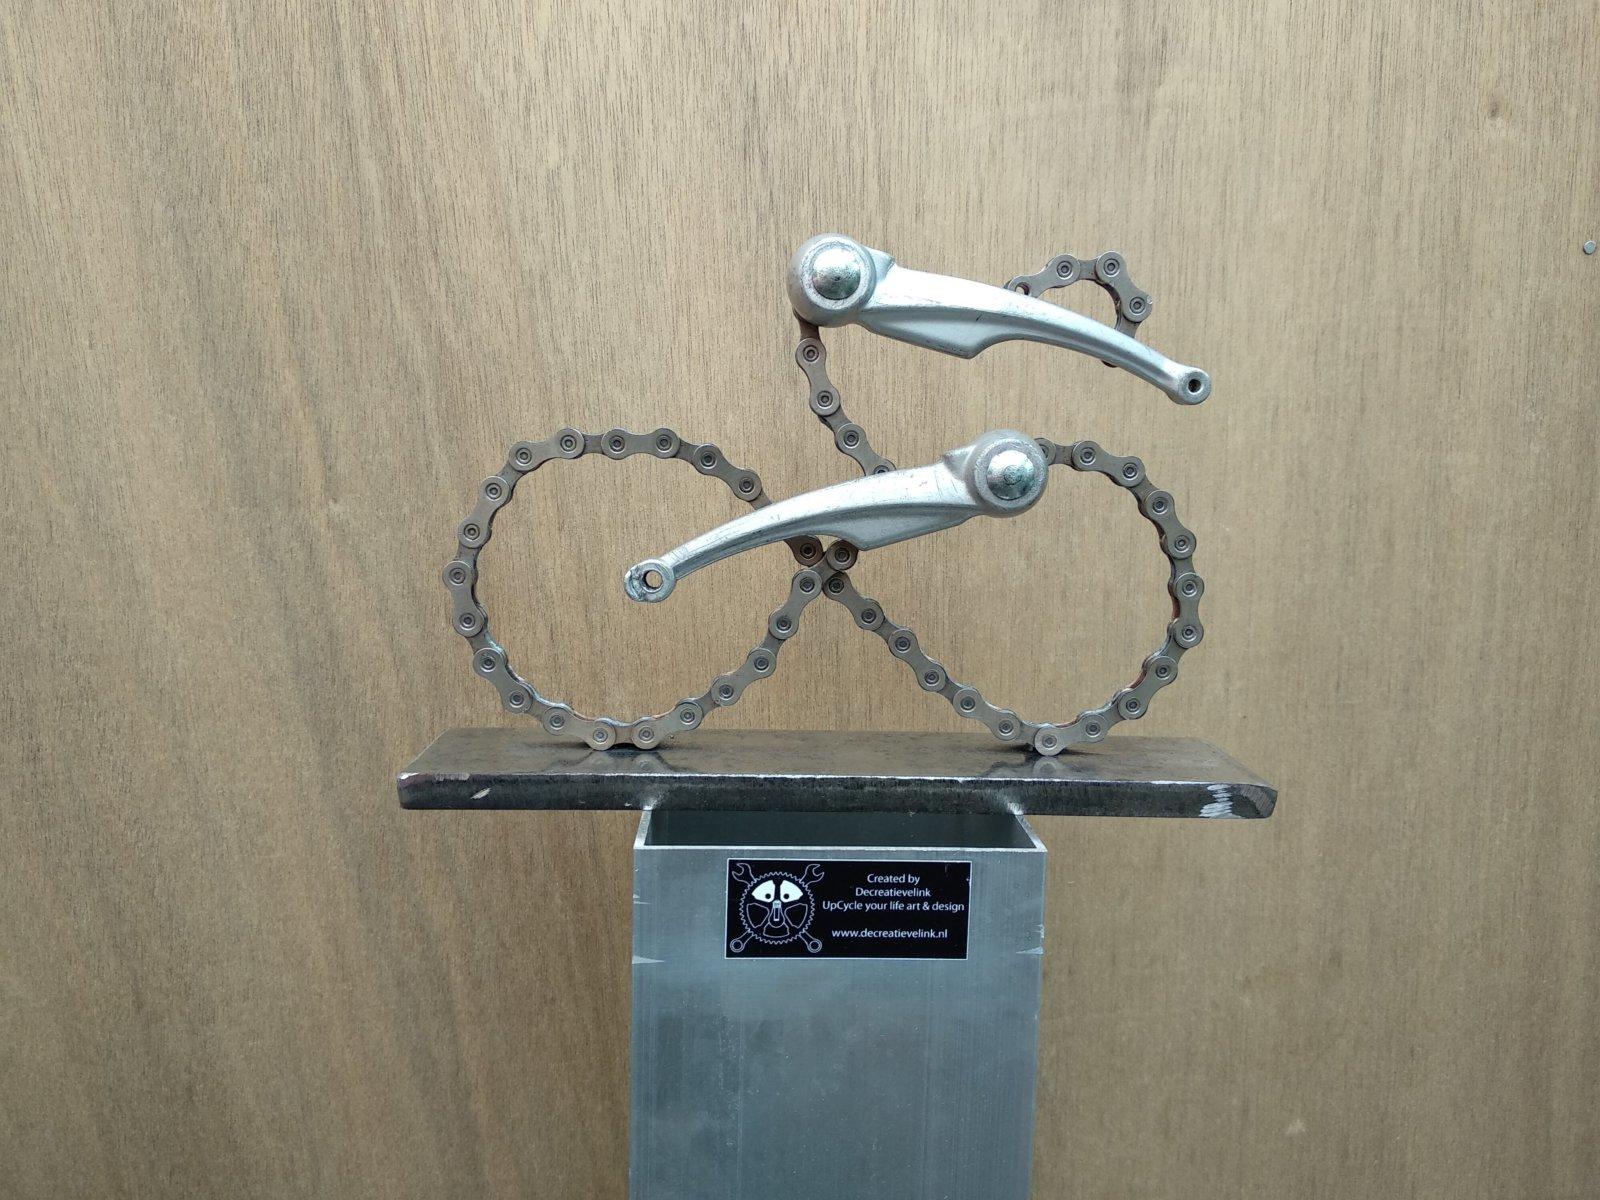 Kunstwerk Amore Infinito Giro D\'italia Bicycle Art Decreatievelink Art & Design